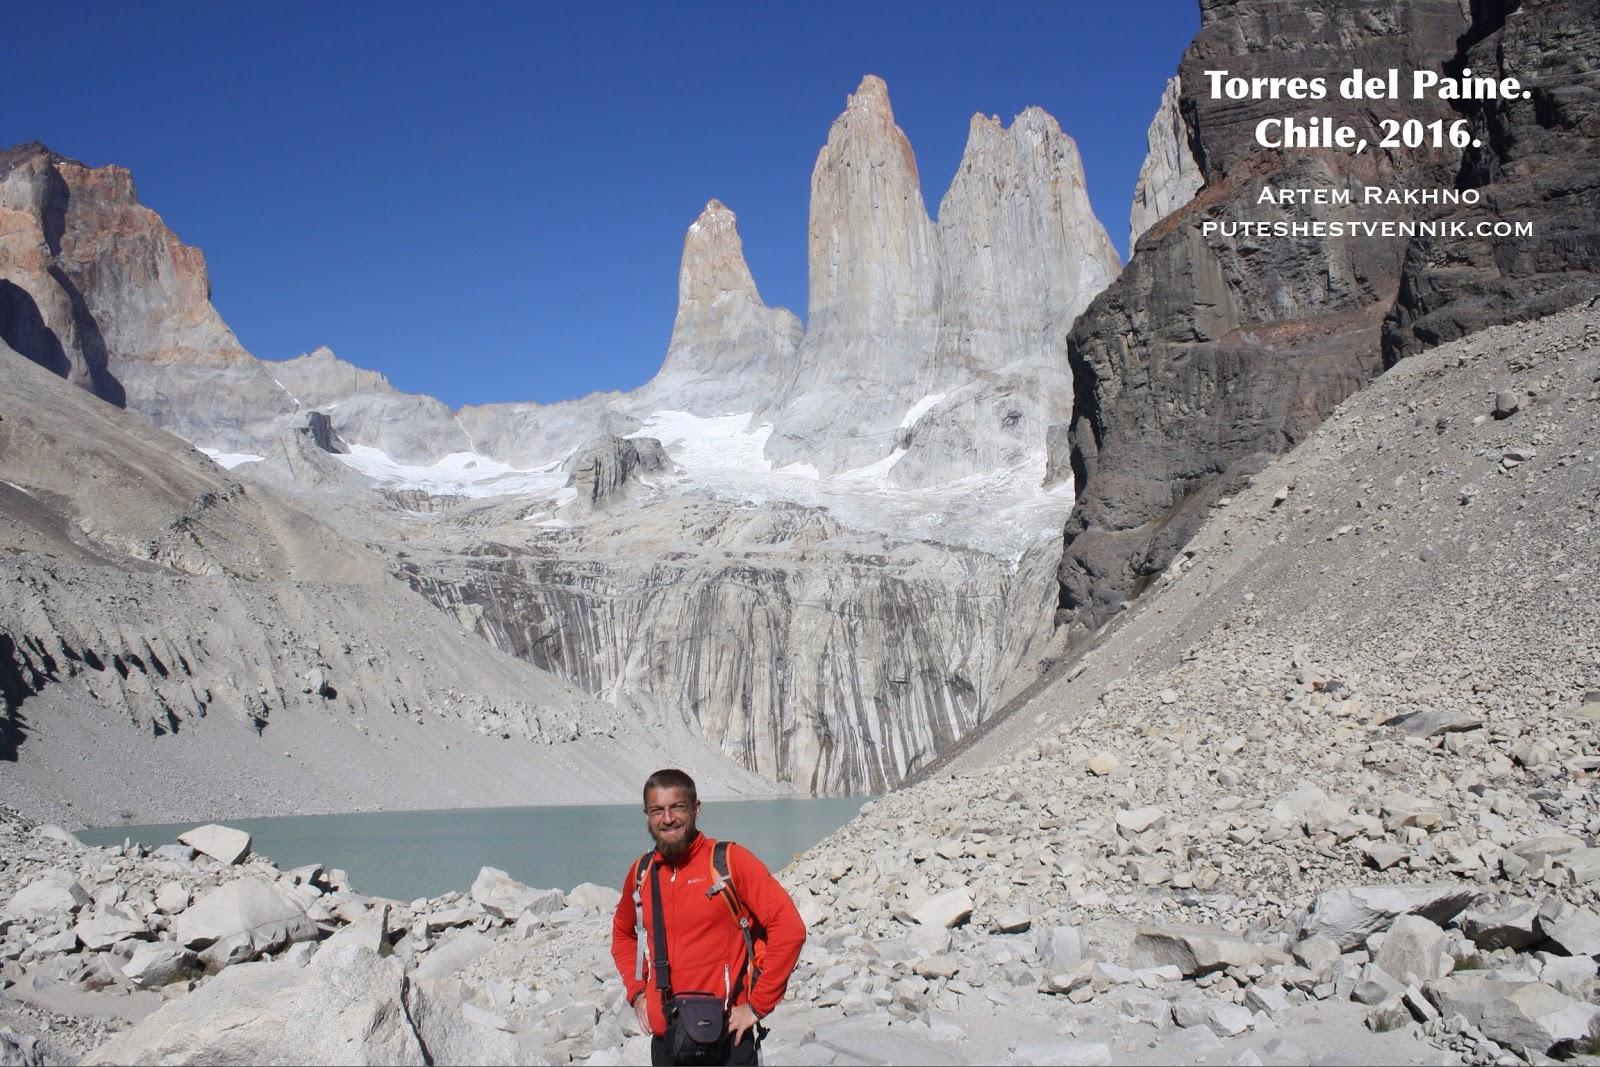 Путешественник в горах Чили